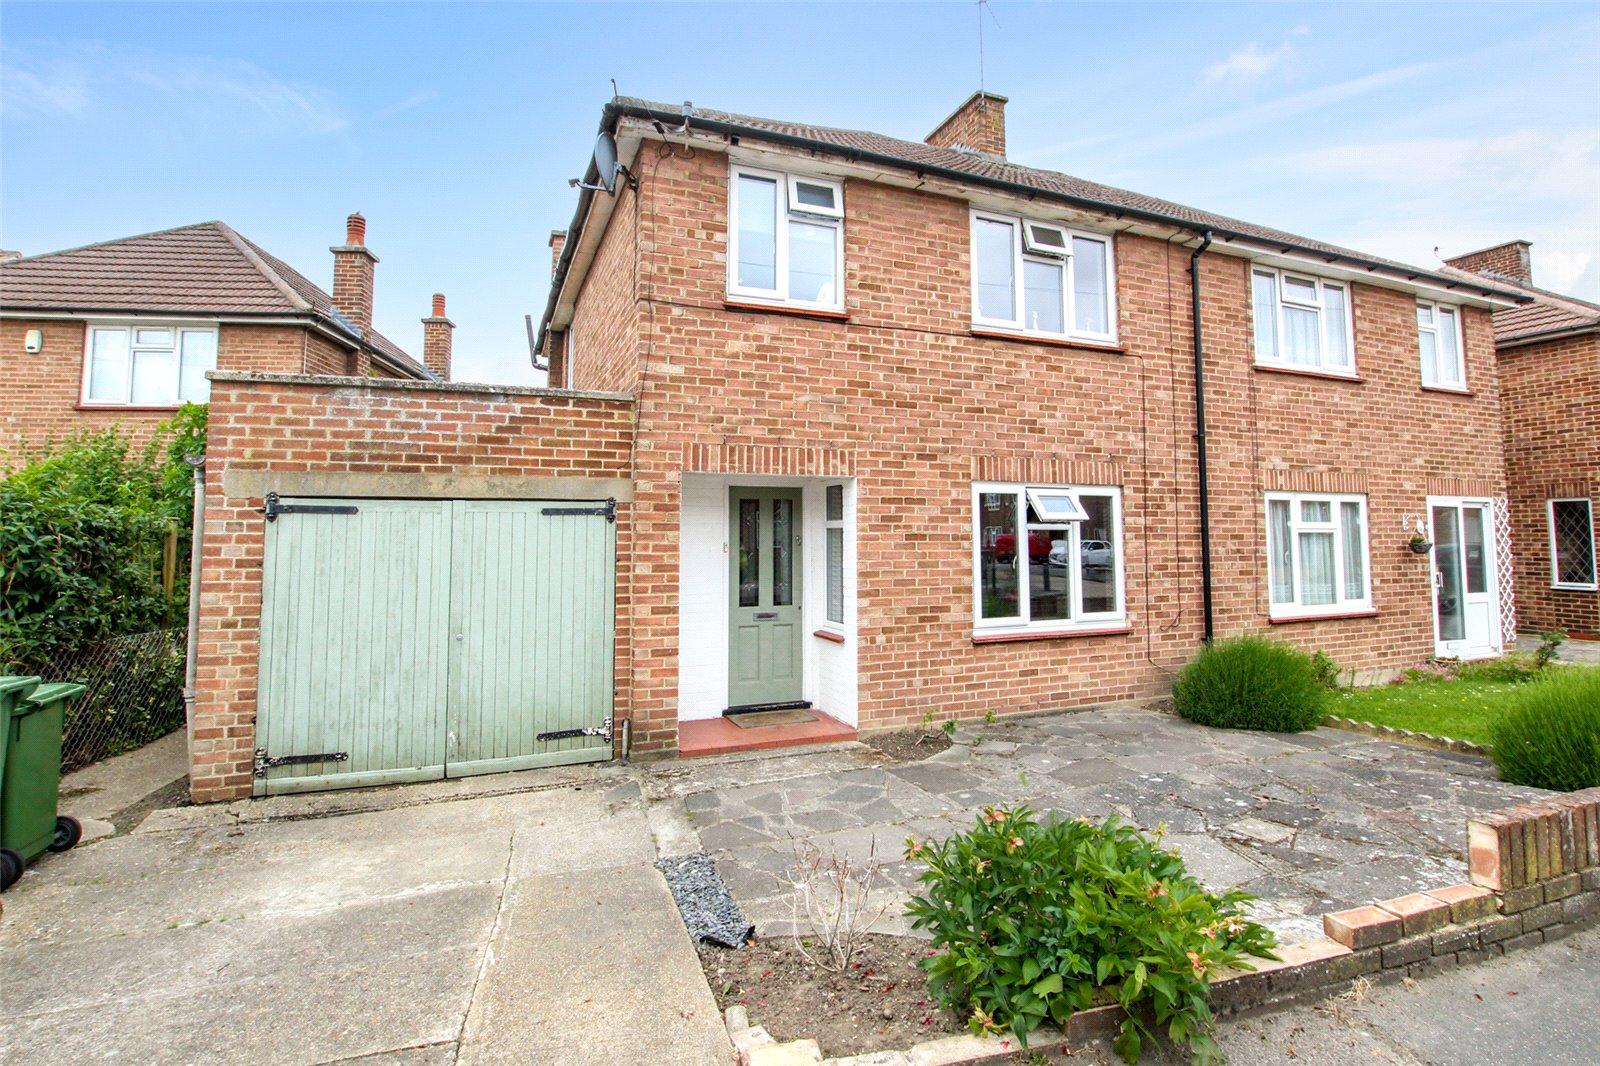 Ruxley Close, Sidcup, Kent, DA14